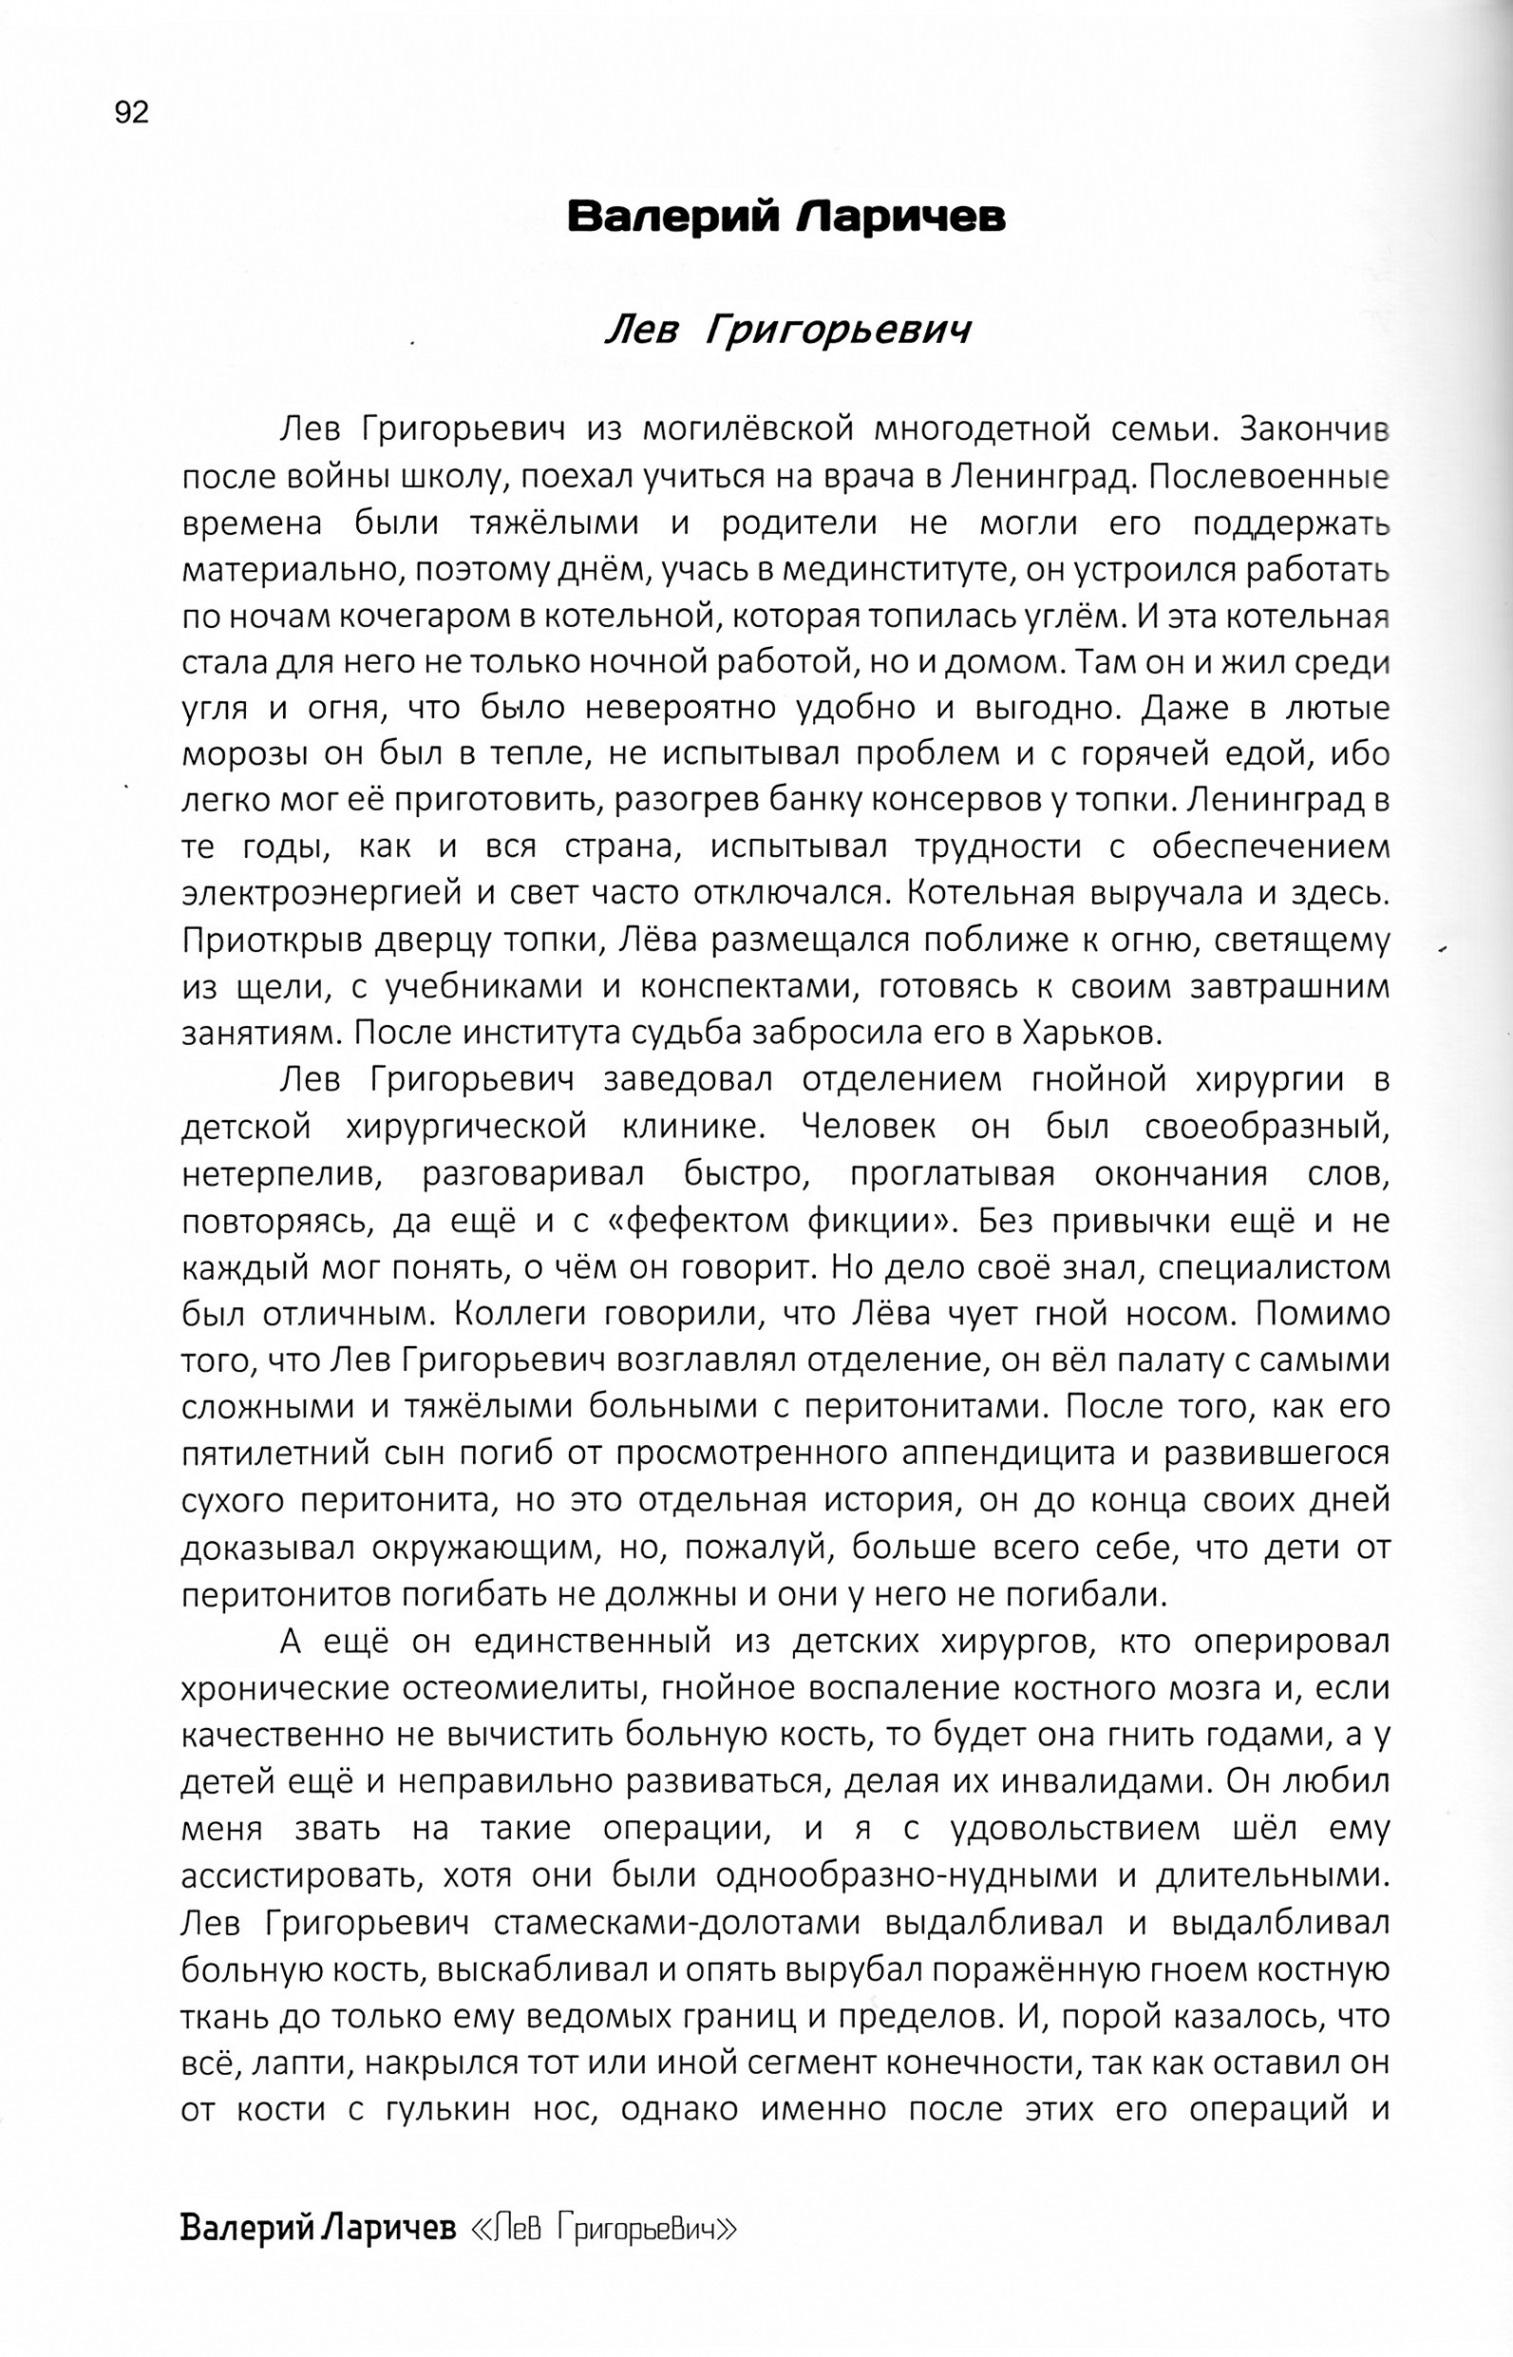 vypusk-27-str-92